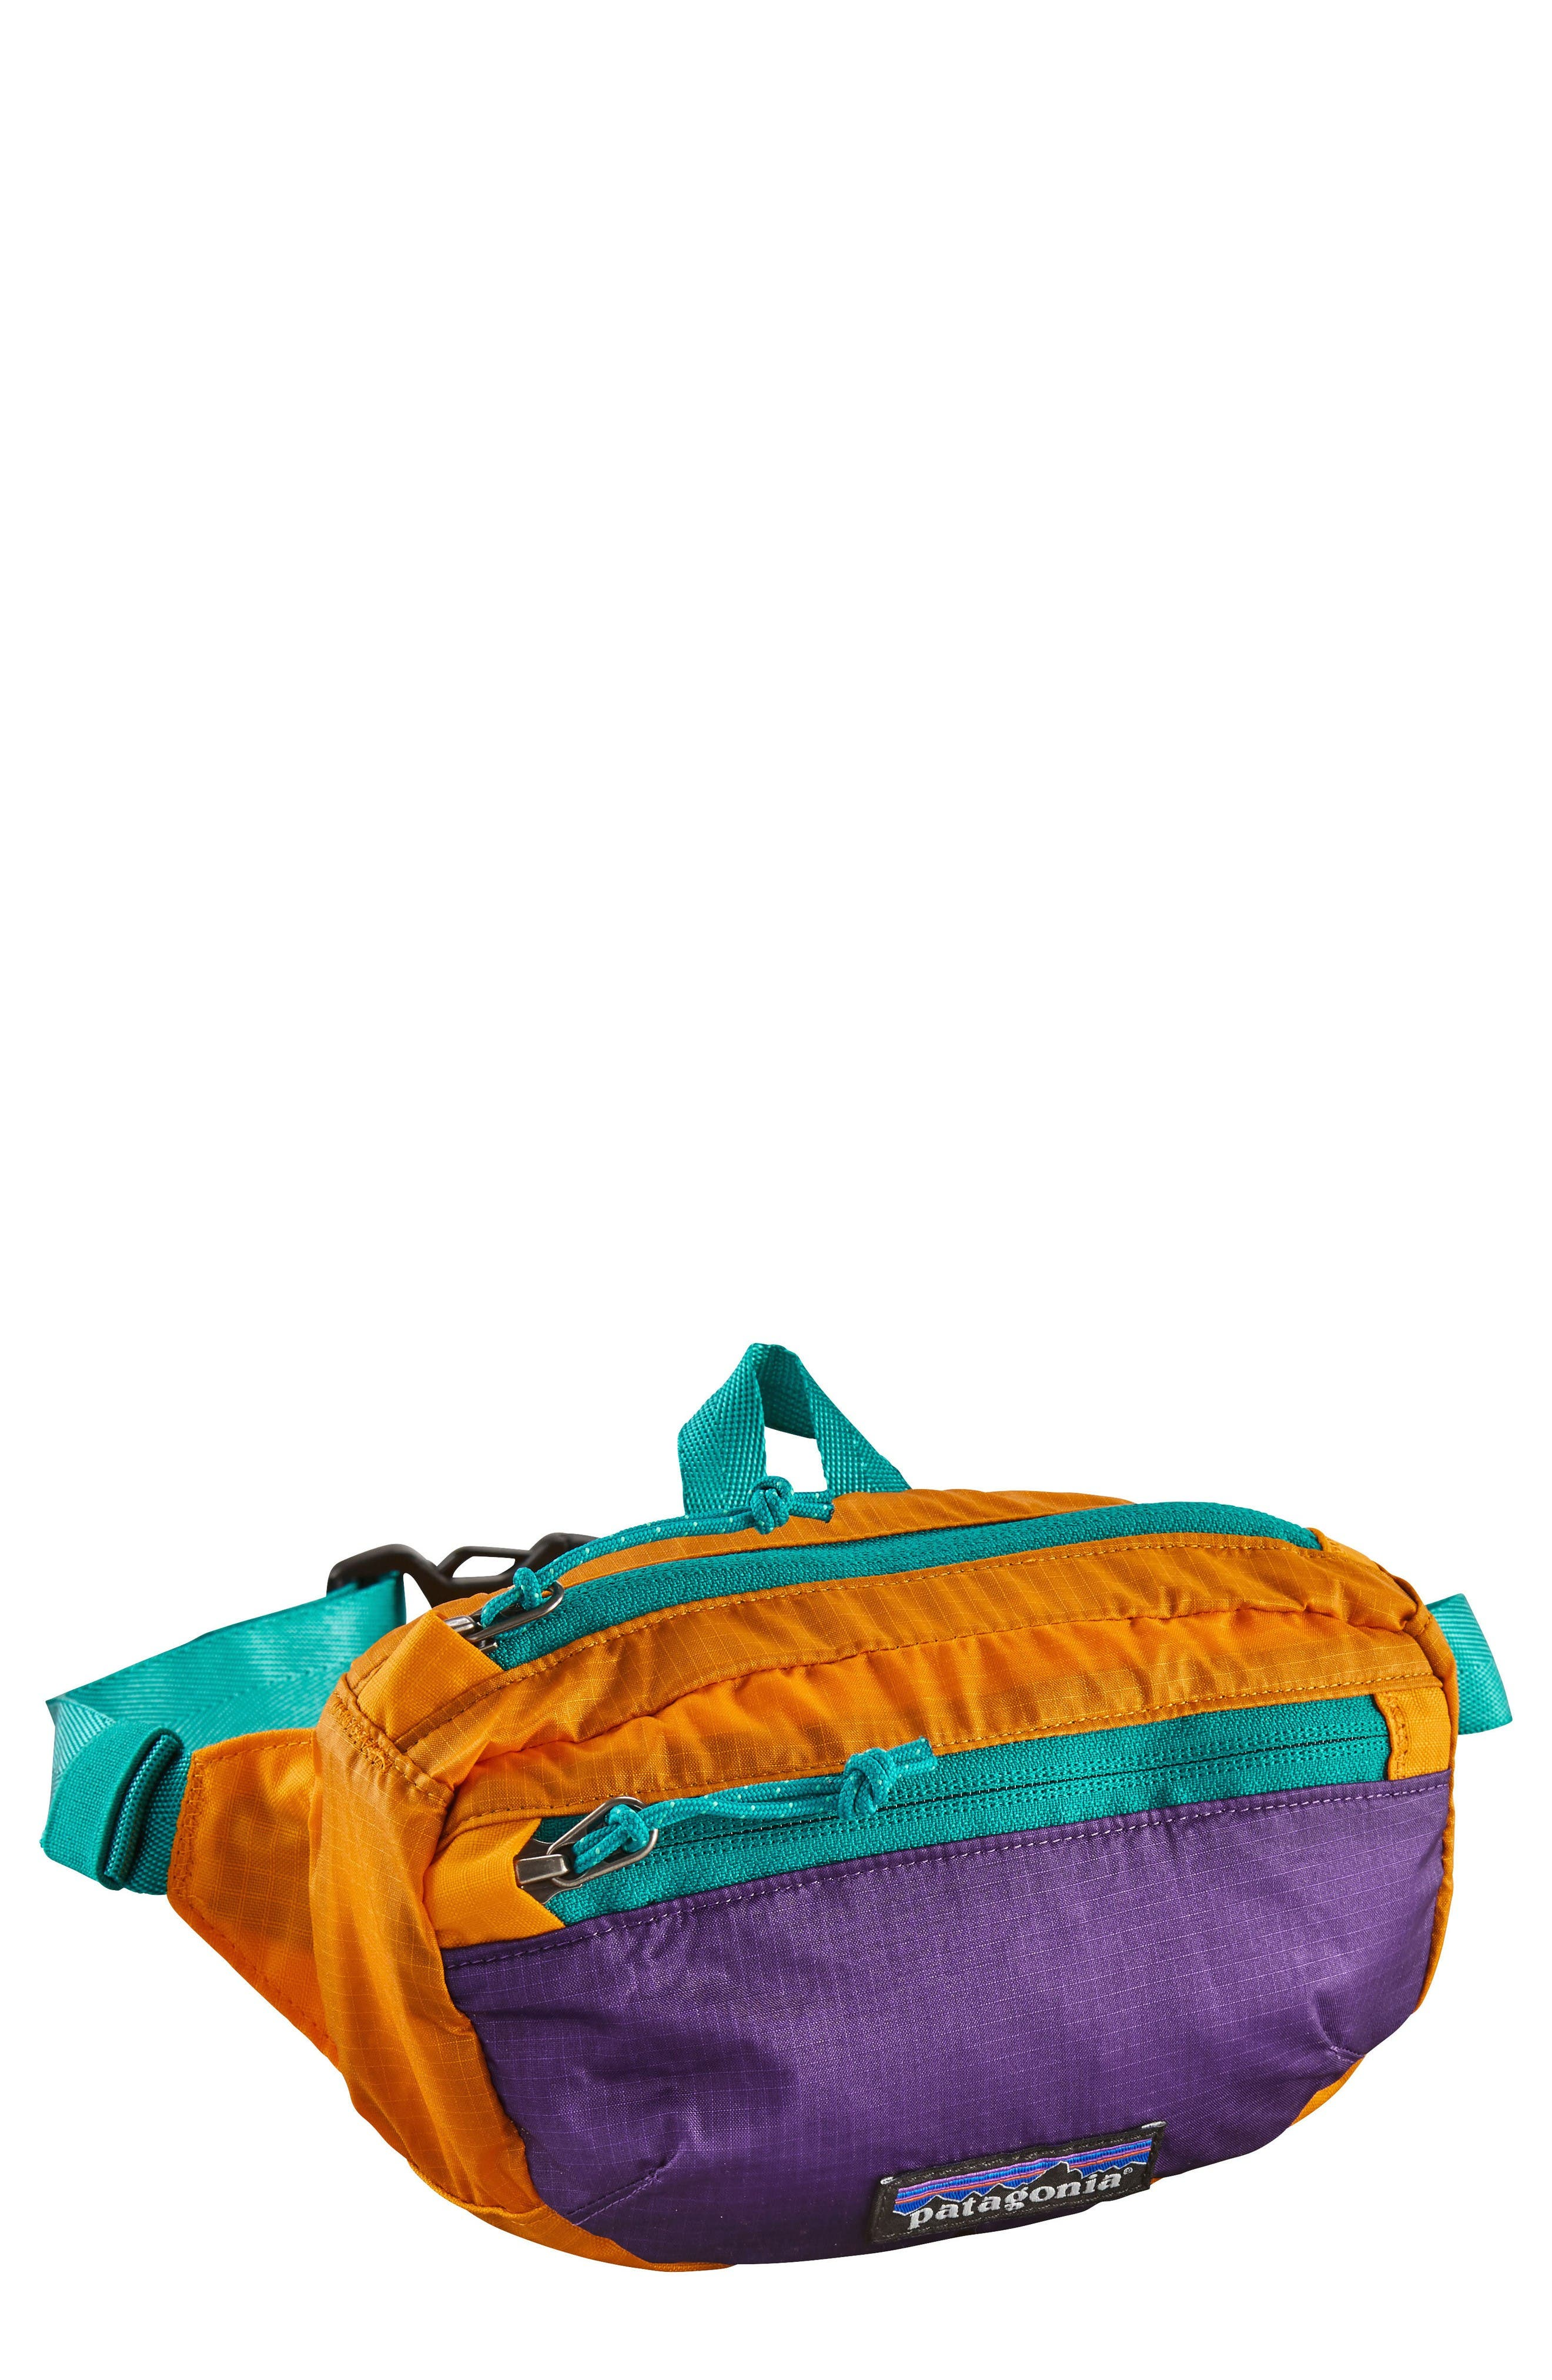 Alternate Image 1 Selected - Patagonia Travel Belt Bag